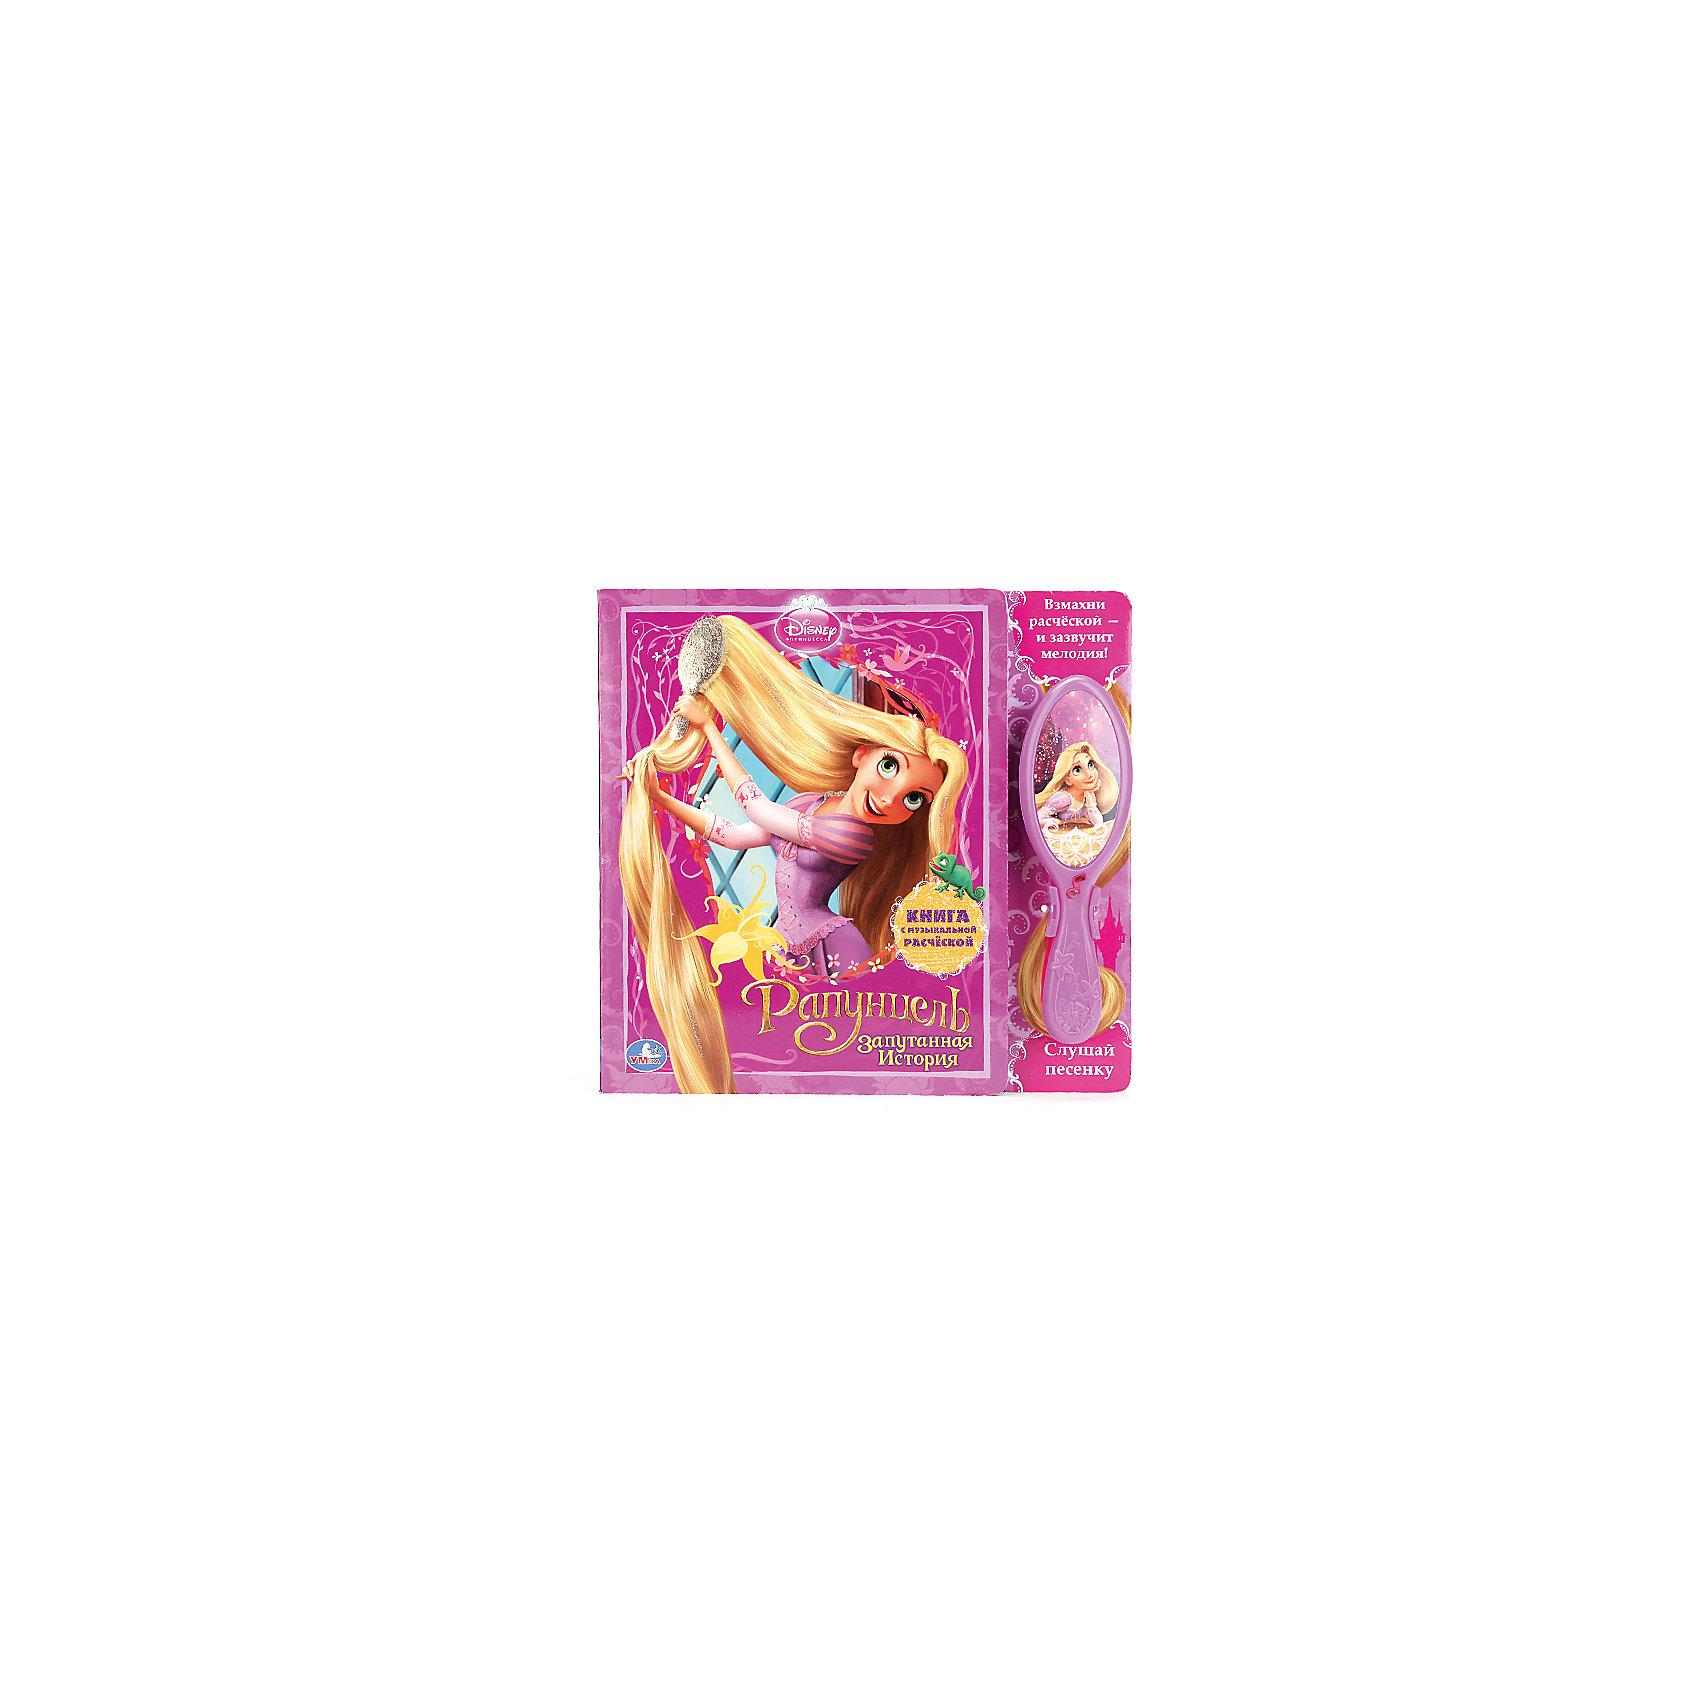 Книга с музыкальной расческой Запутанная история, РапунцельЭта замечательная книга приведет в восторг всех любительниц прекрасной Рапунцель. Девочка почувствует себя настоящей принцессой с волшебной расческой, которая не только может привести волосы в порядок, но и спеть песни! <br><br>Дополнительная информация:<br><br>- Формат: 24х25 см<br>- Переплет: картон.<br>- Количество страниц: 10.<br>- Иллюстрации: цветные.<br>- Комплектация: книга, расческа.<br>- Автор: Юлия Шигарова<br>- Иллюстратор: Валентина Любушкина<br>- Элемент питания: 2 АА (в комплекте).<br><br>Книгу с музыкальной расческой Запутанная история, Рапунцель, можно купить в нашем магазине.<br><br>Ширина мм: 260<br>Глубина мм: 240<br>Высота мм: 40<br>Вес г: 450<br>Возраст от месяцев: 12<br>Возраст до месяцев: 60<br>Пол: Женский<br>Возраст: Детский<br>SKU: 4053267